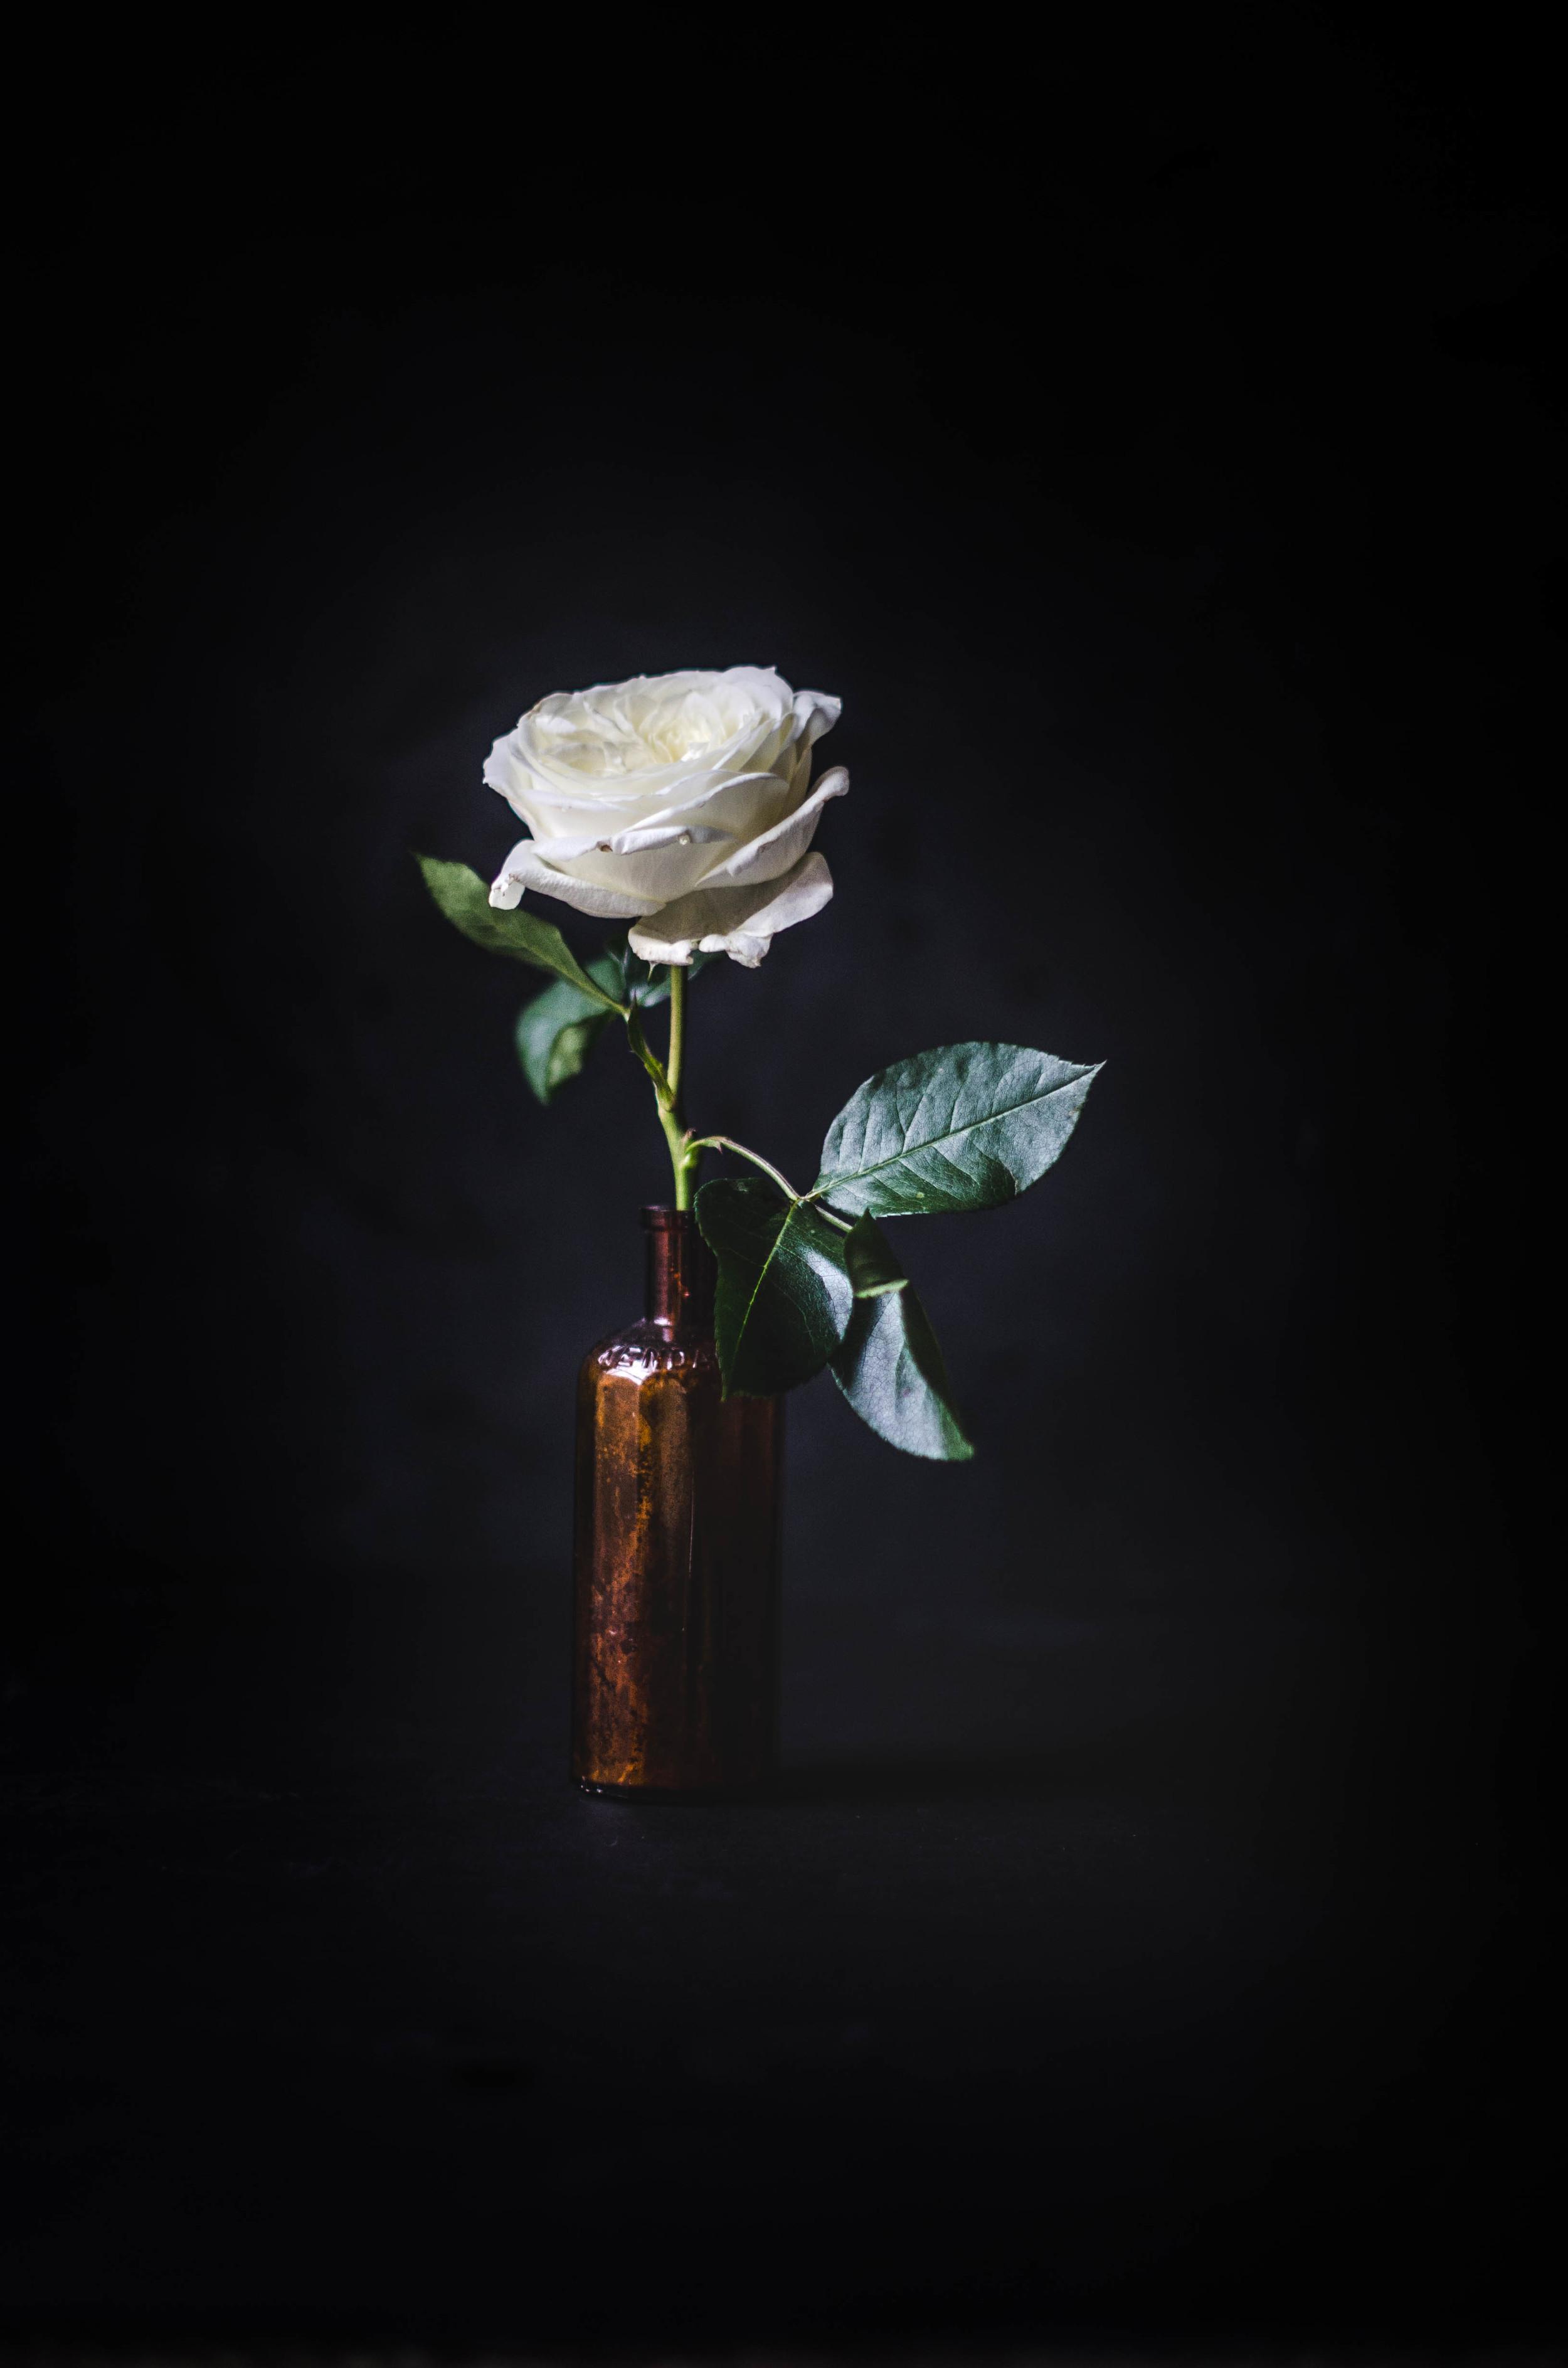 ROSE & IVY Journal Petal by Petal Alabaster Garden Rose